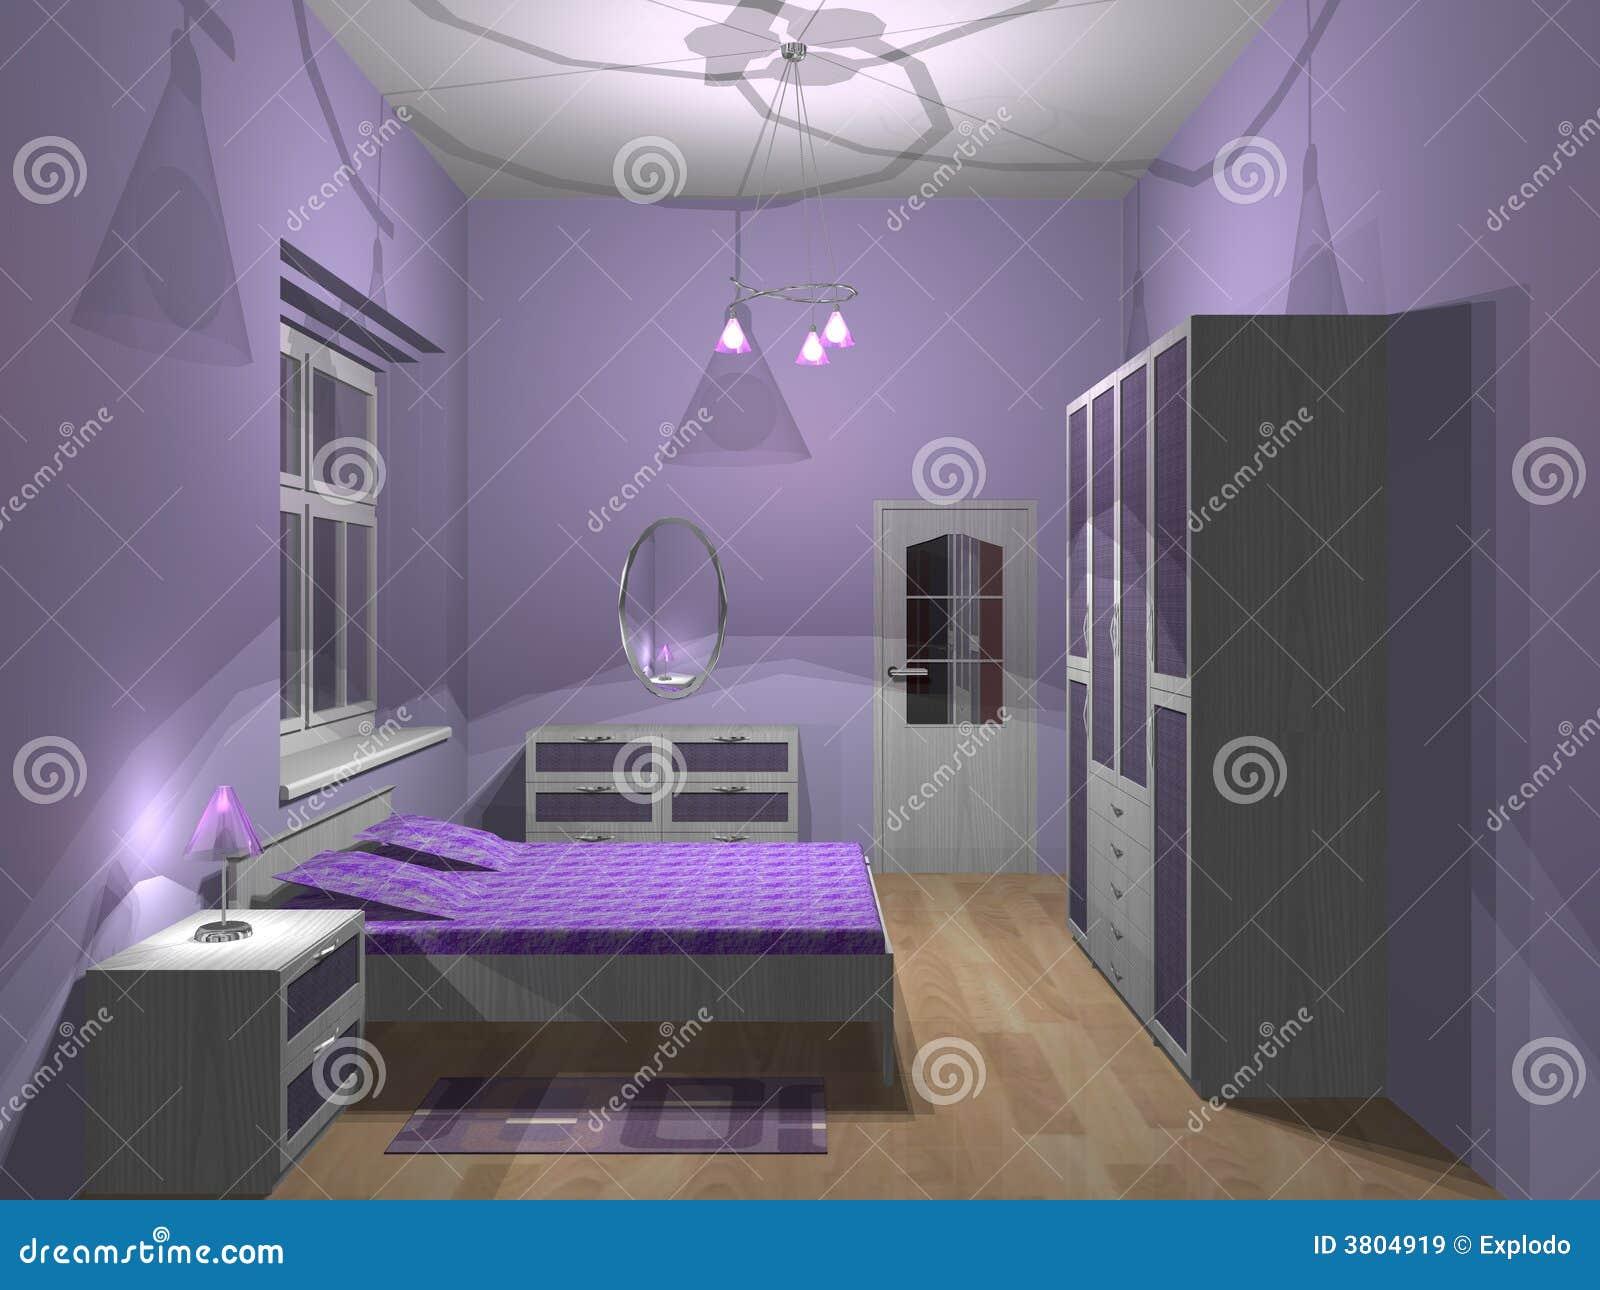 Camera da letto viola immagini stock libere da diritti - Camera da letto piccola ...